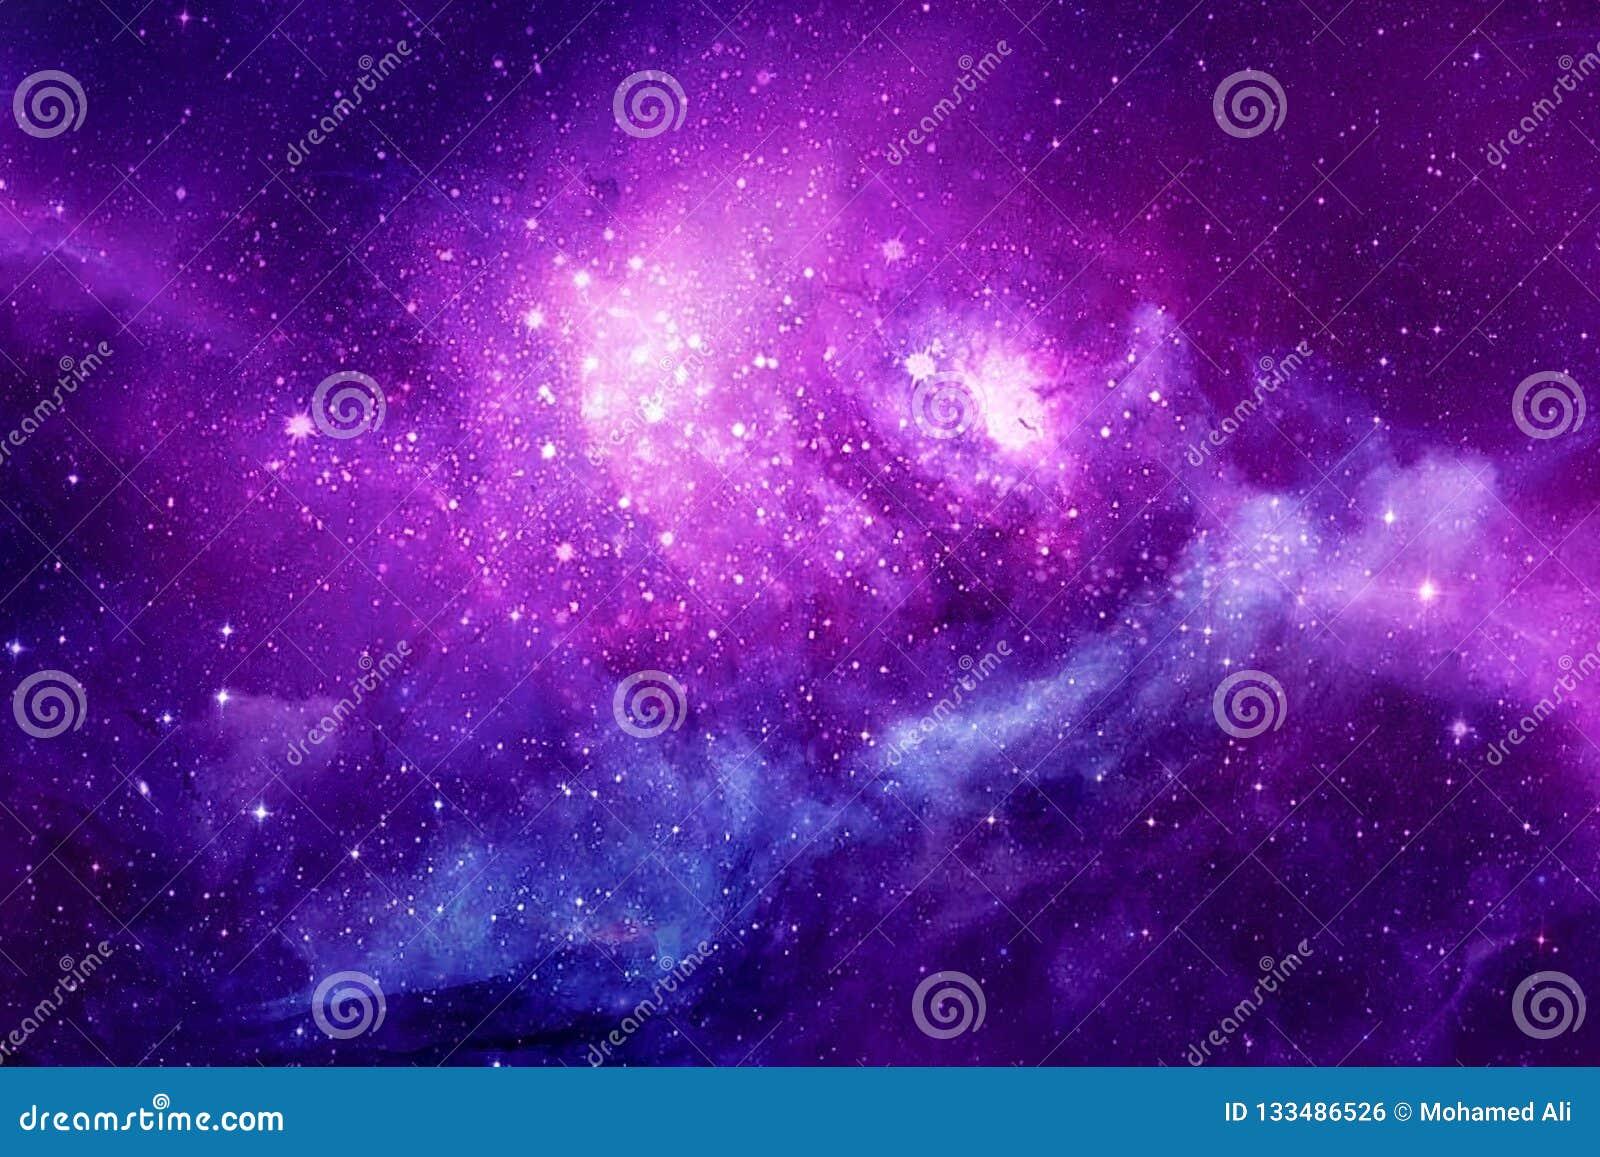 Художественная пестротканая красивая уникальная предпосылка галактики